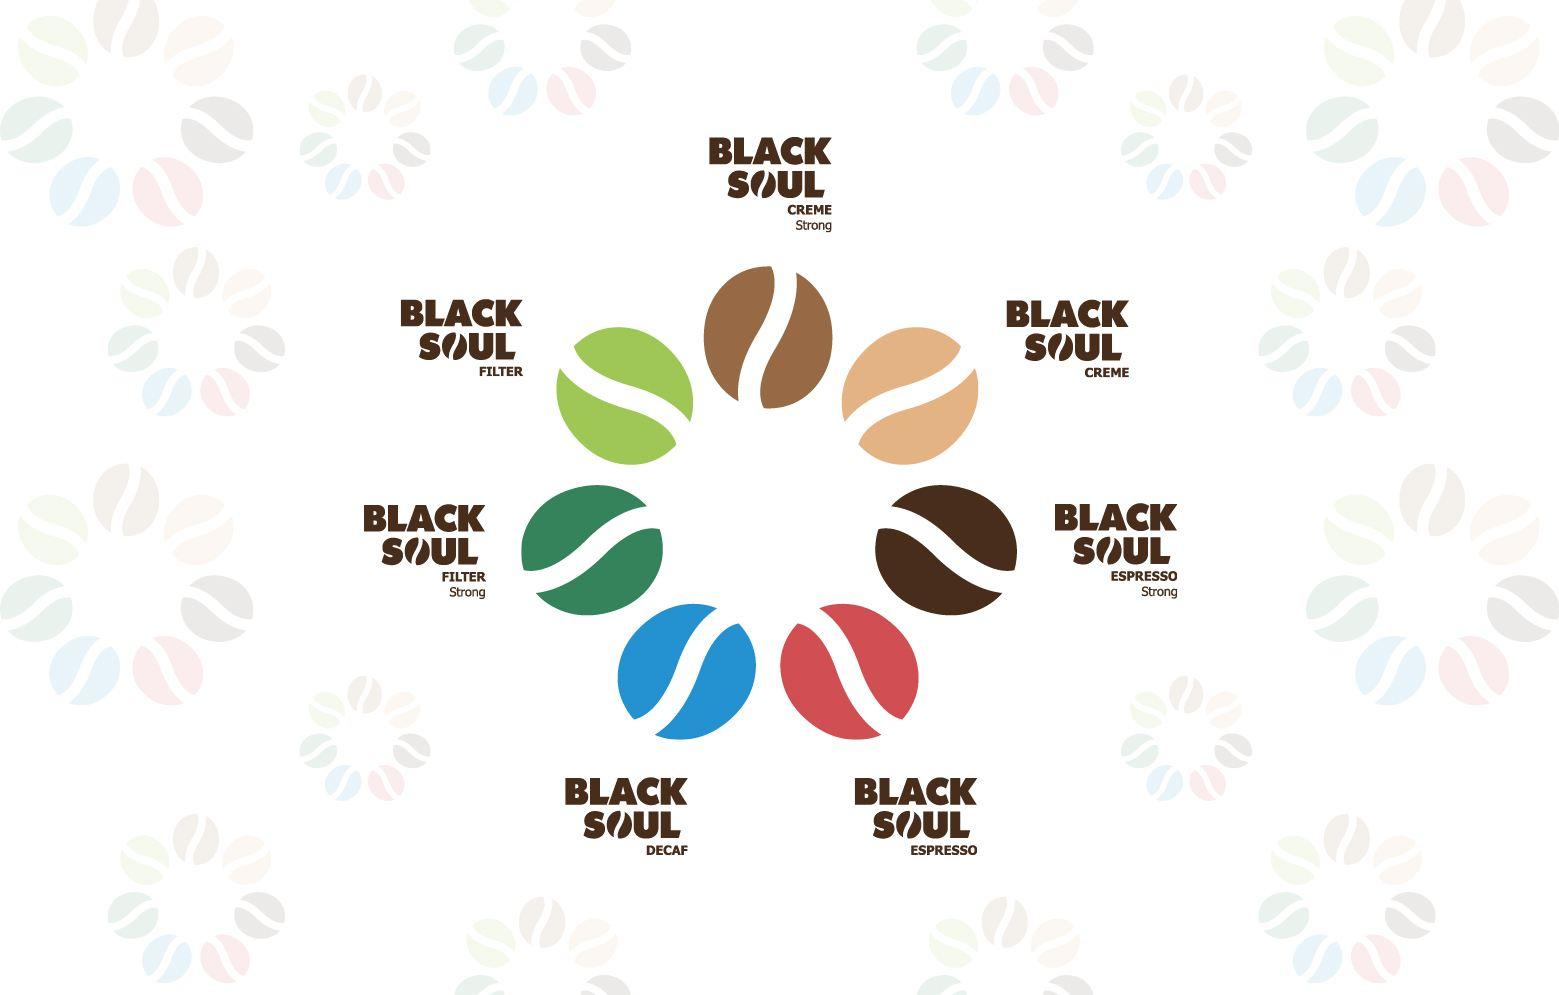 Bonensortiment als Blume angeortnet von der Kaffeemarke Black Soul